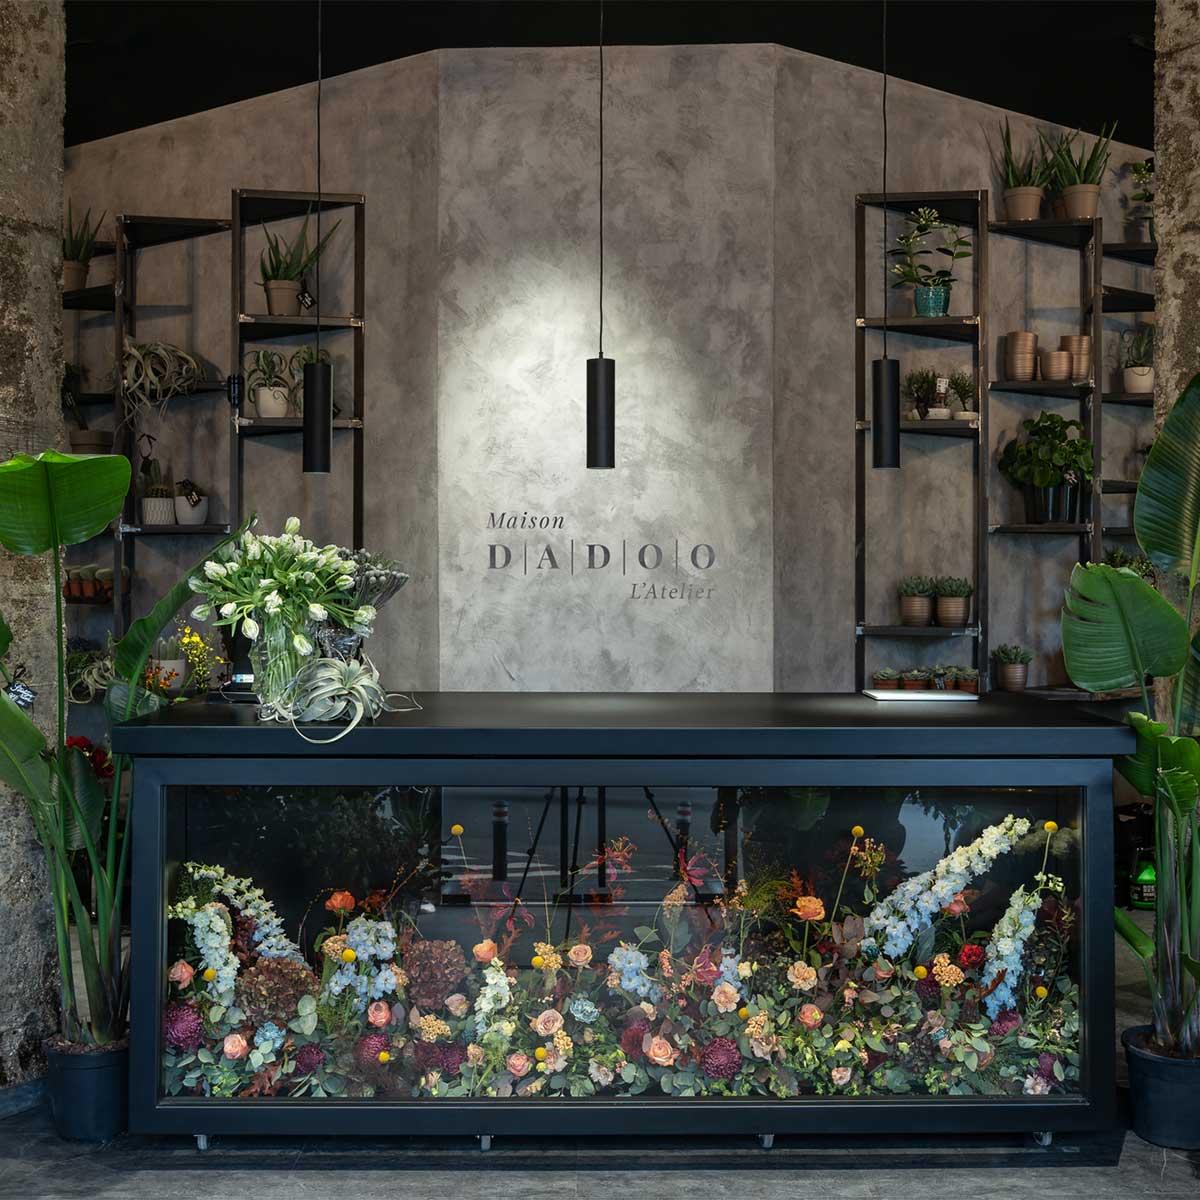 L'Atelier Floral Maison Dadoo